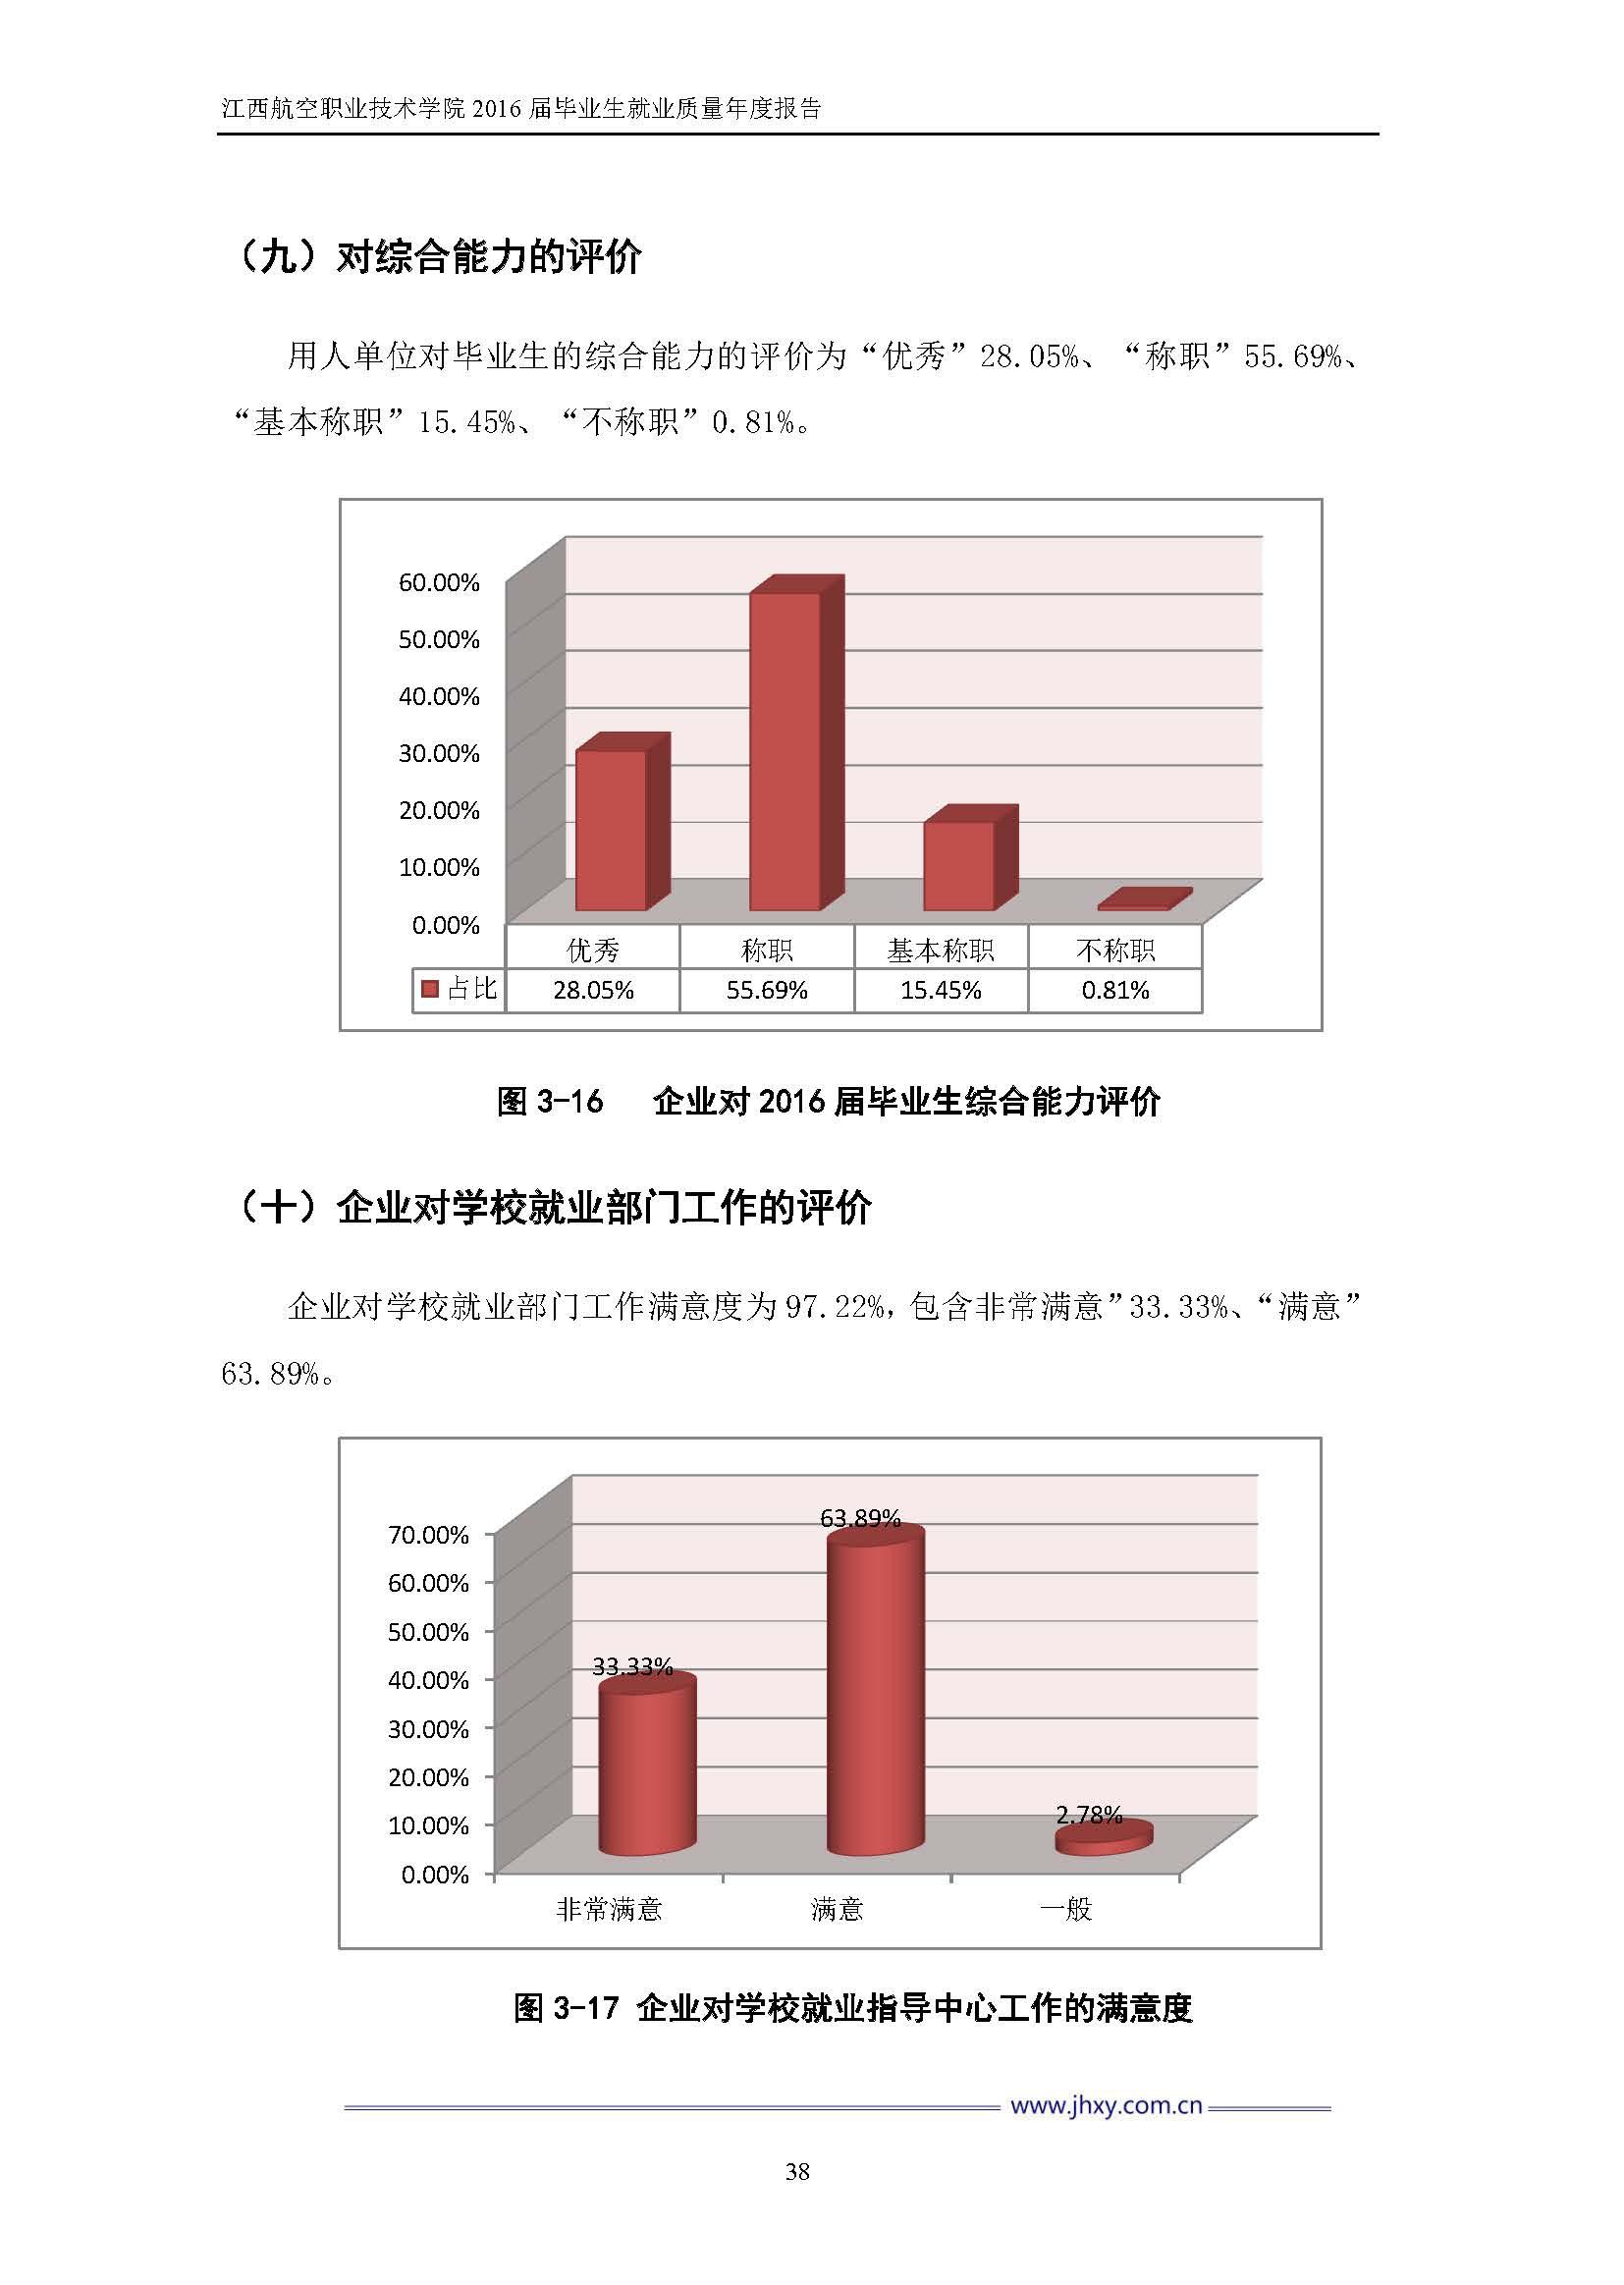 江西航空职业技术学院2016届毕业生就业质量年度报告_Page_45.jpg